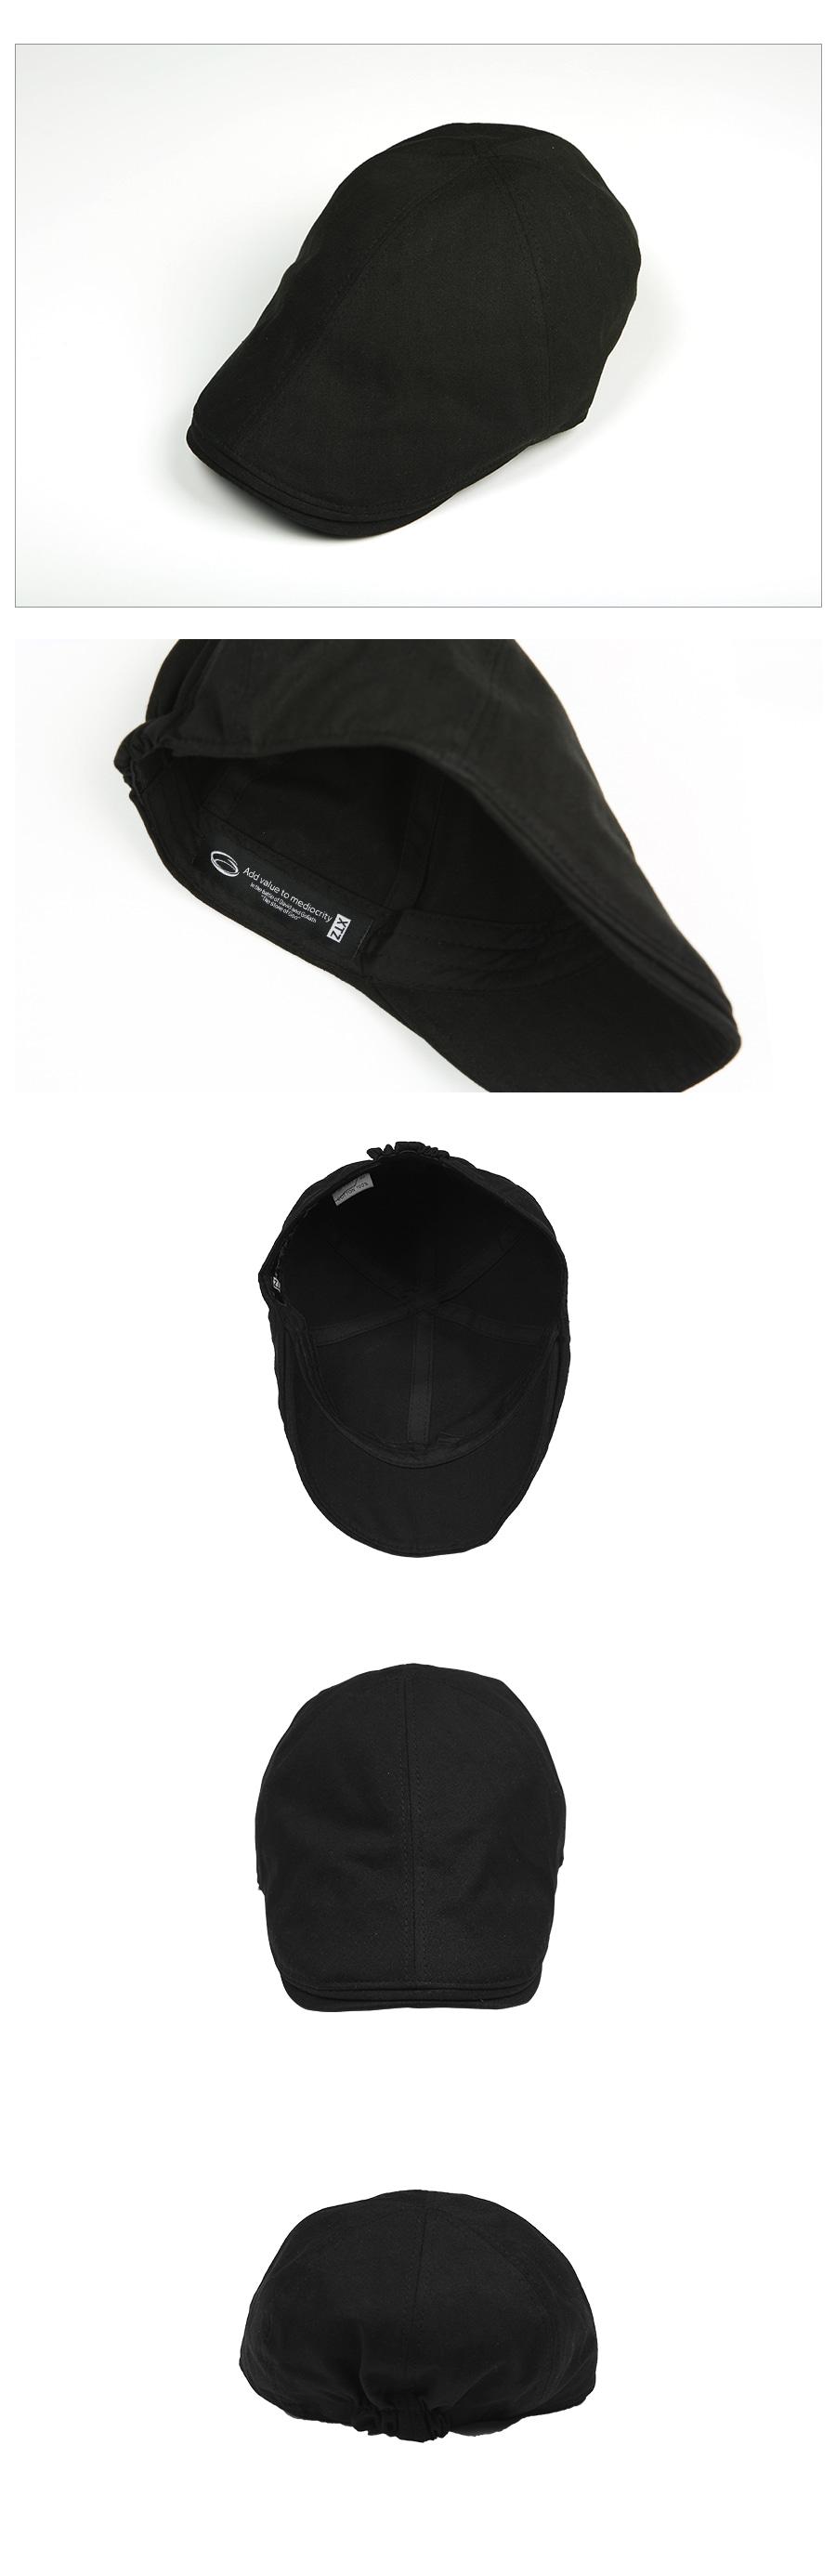 XTC007 헤링본 헌팅캡 (BLACK)